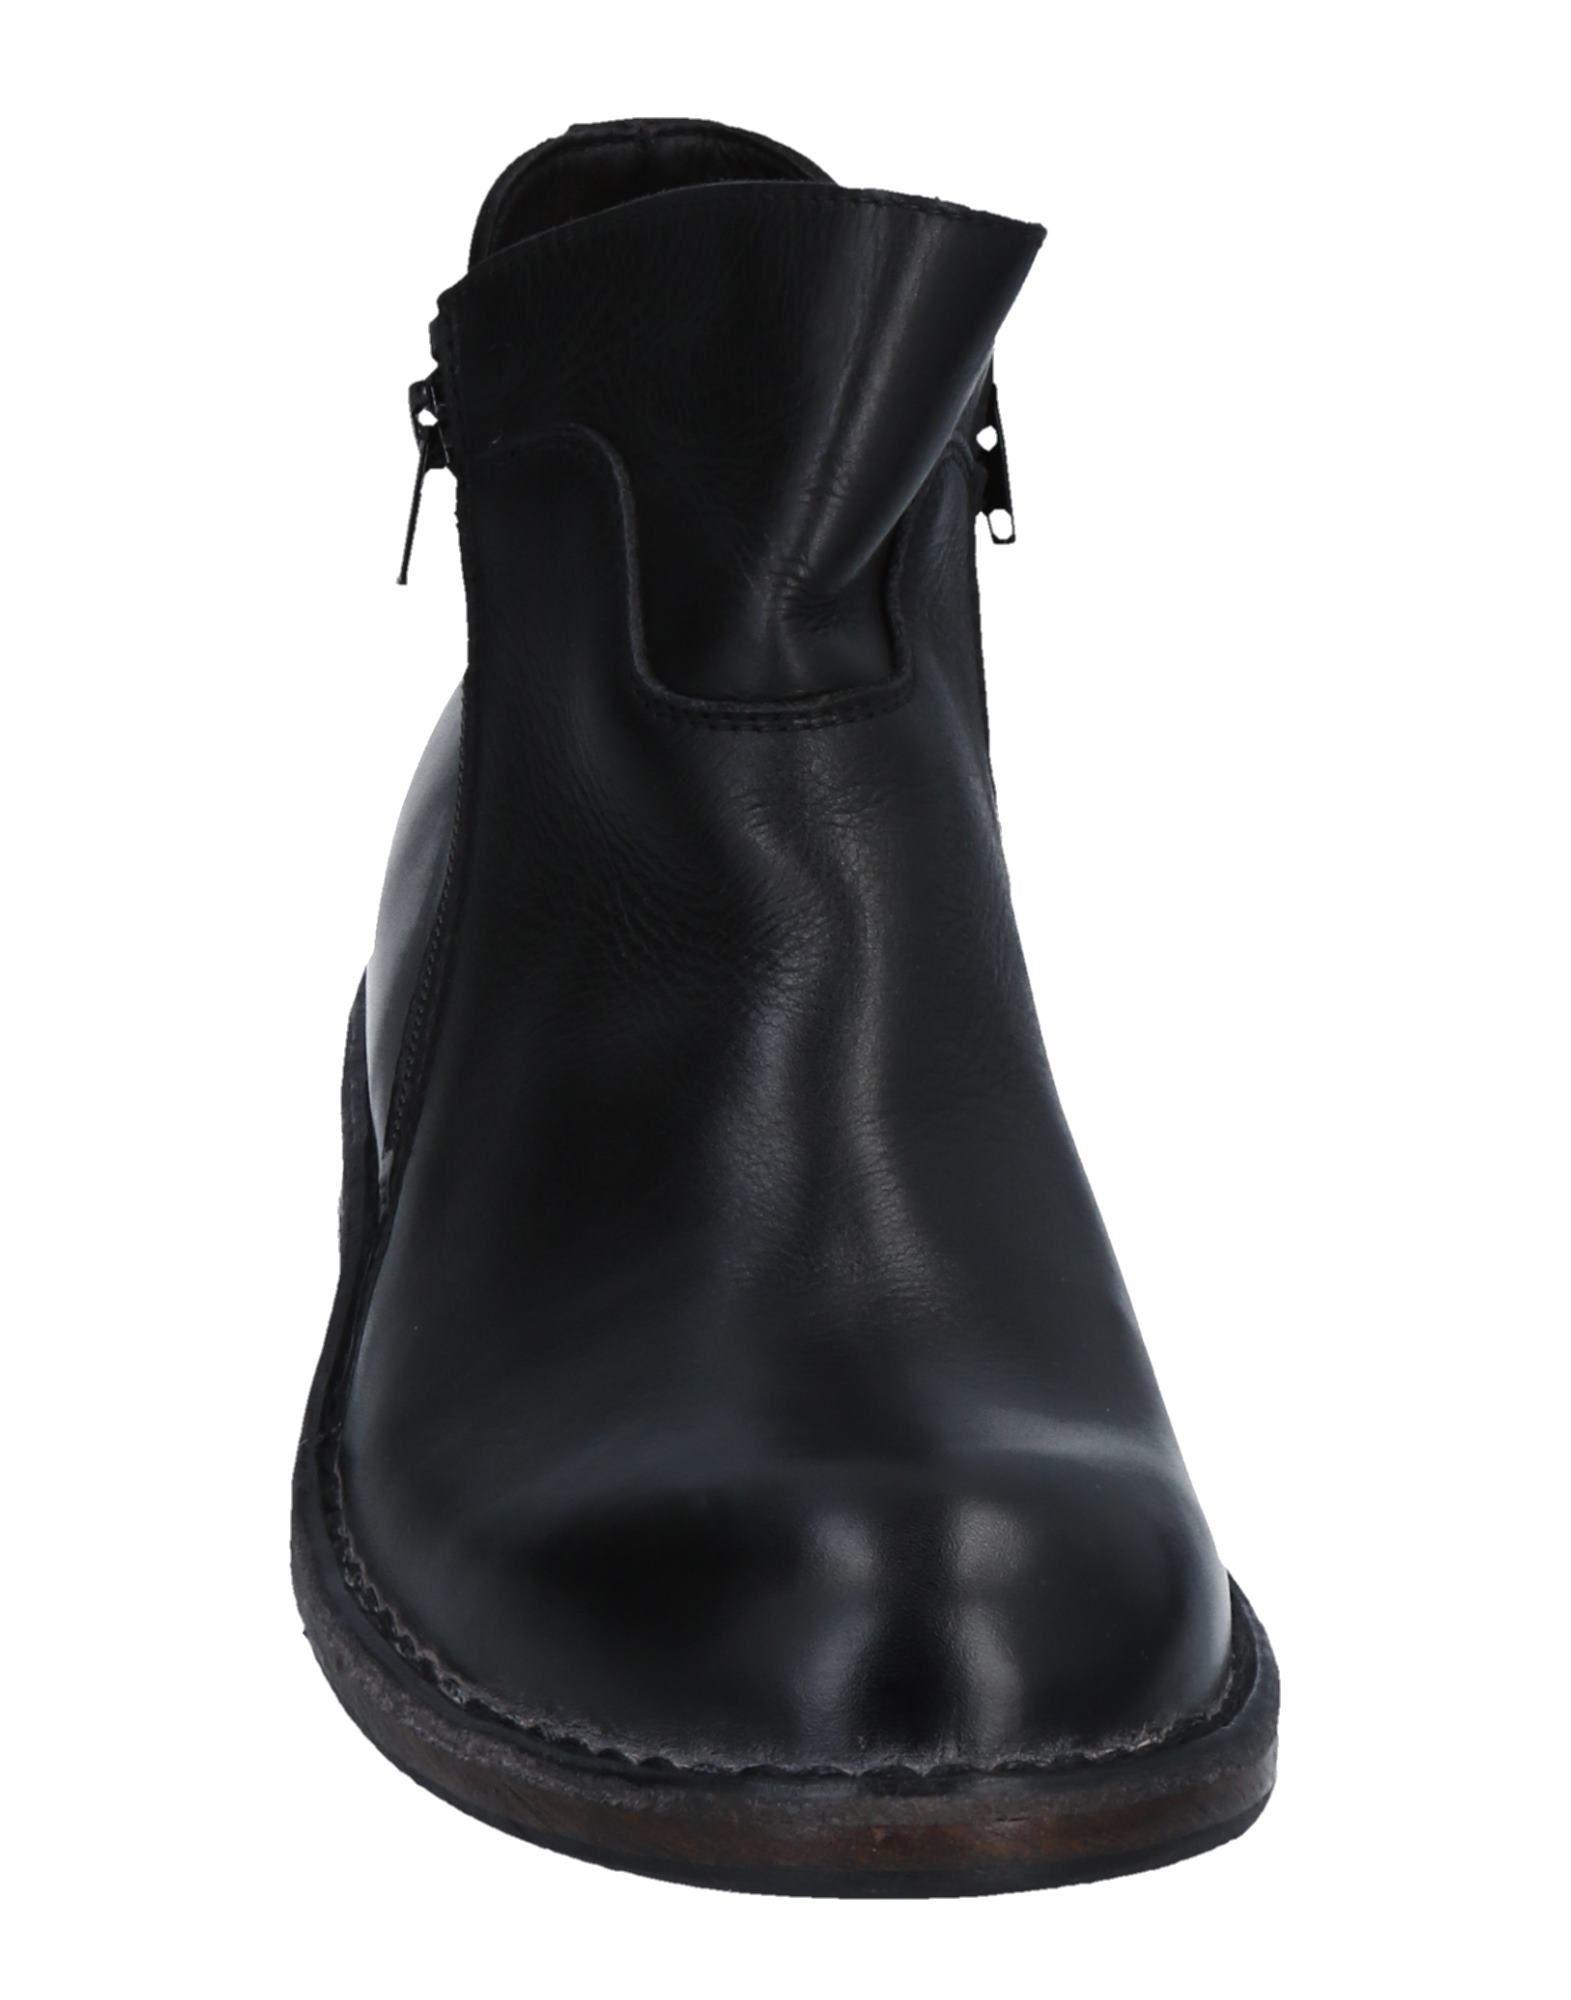 Moma Stiefelette Herren  beliebte 11516534VH Gute Qualität beliebte  Schuhe 60e53f